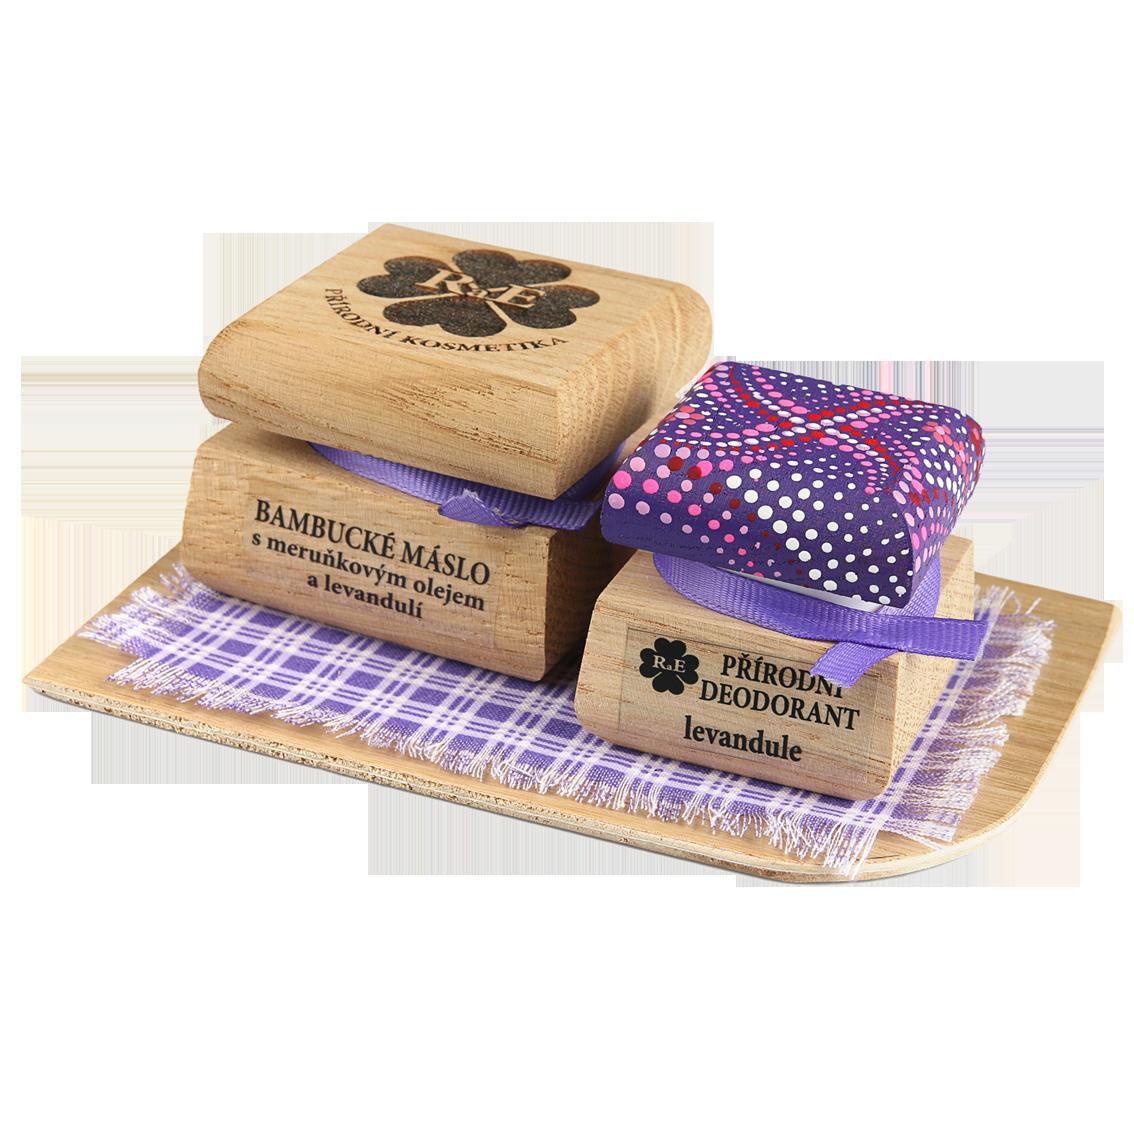 Bambucké tělové máslo 50 ml + Krémový deodorant Color 15 ml - Levandule